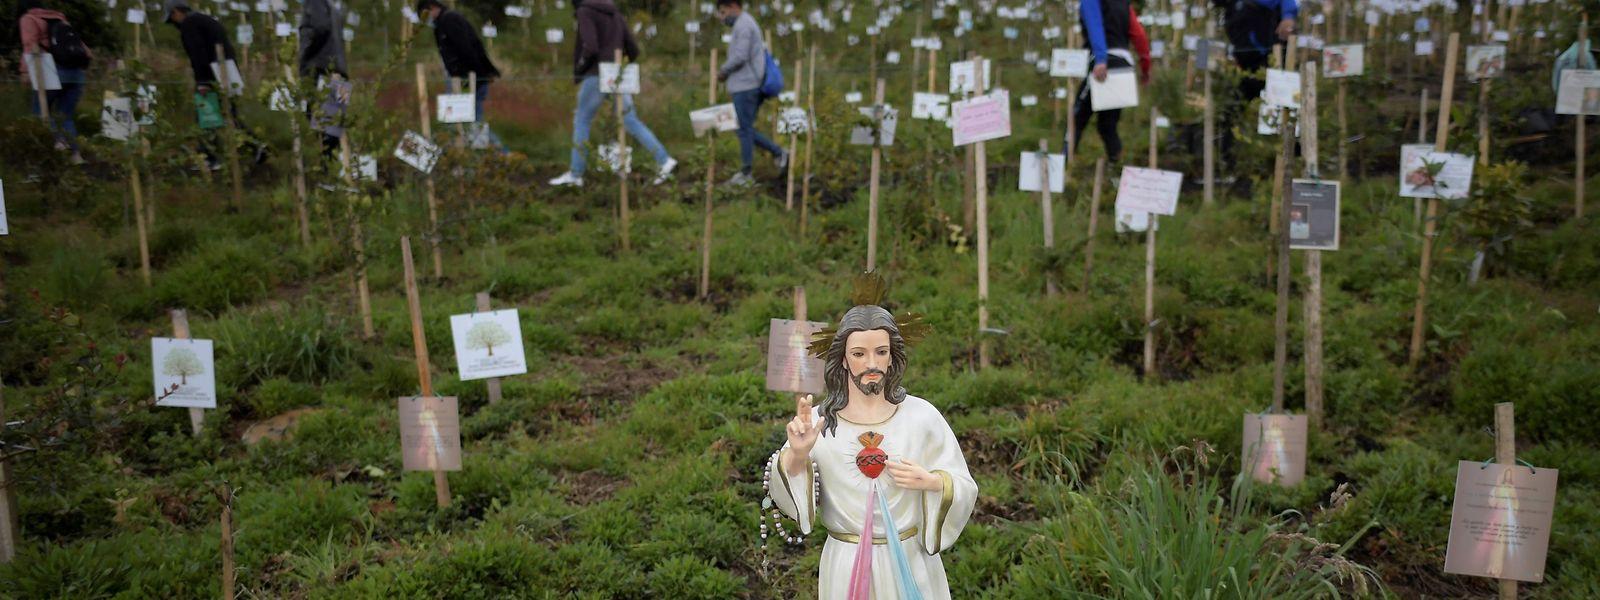 Angehörige von kolumbianischen Covid-19-Opfern verteilen deren Asche in Löchern, in denen sie während einer Hommage an ihre Verstorbenen Bäume pflanzen.